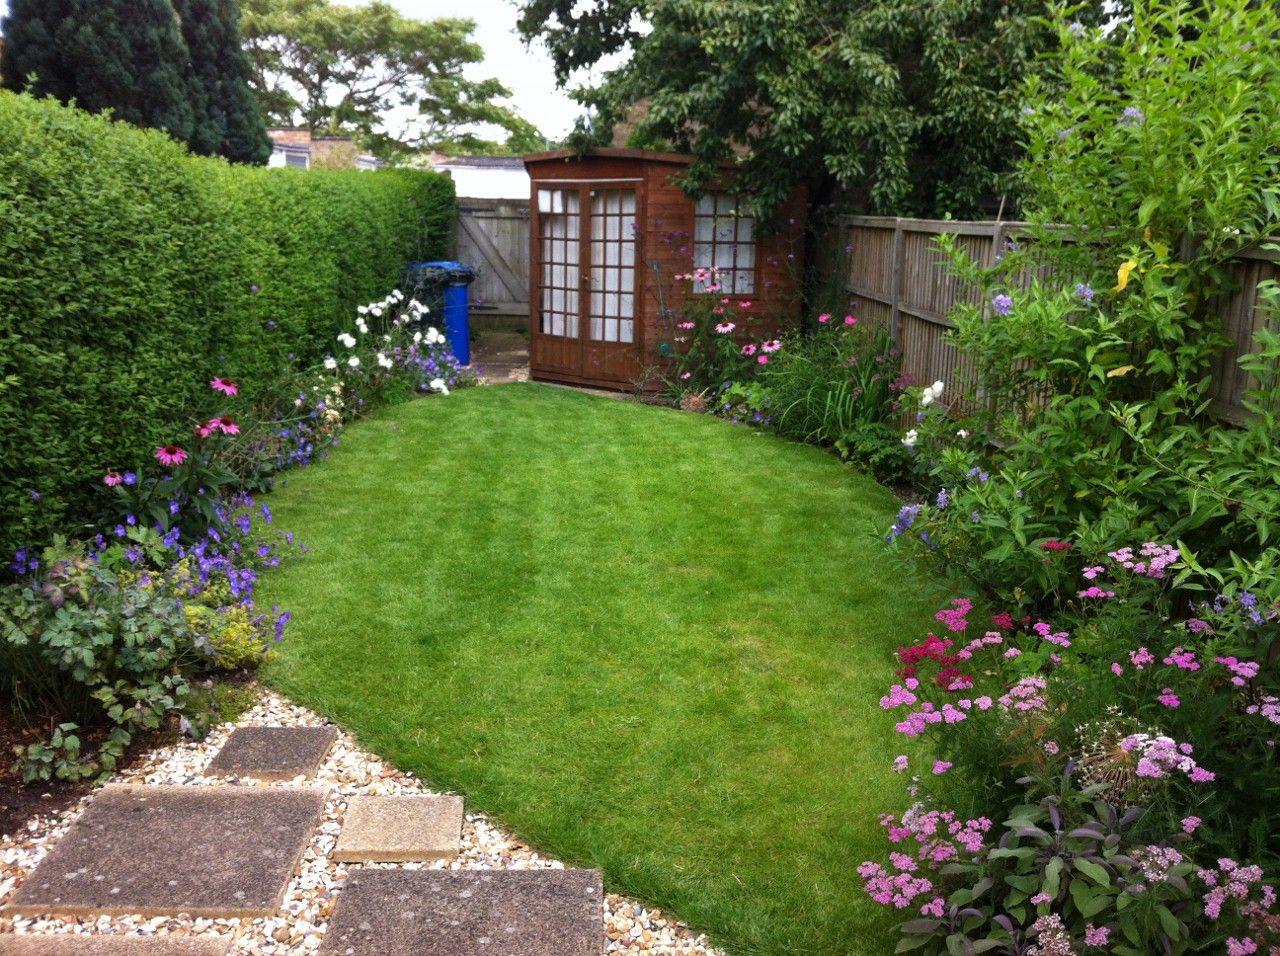 small terraced house english garden | Small english garden ... on Terraced House Backyard Ideas id=93845